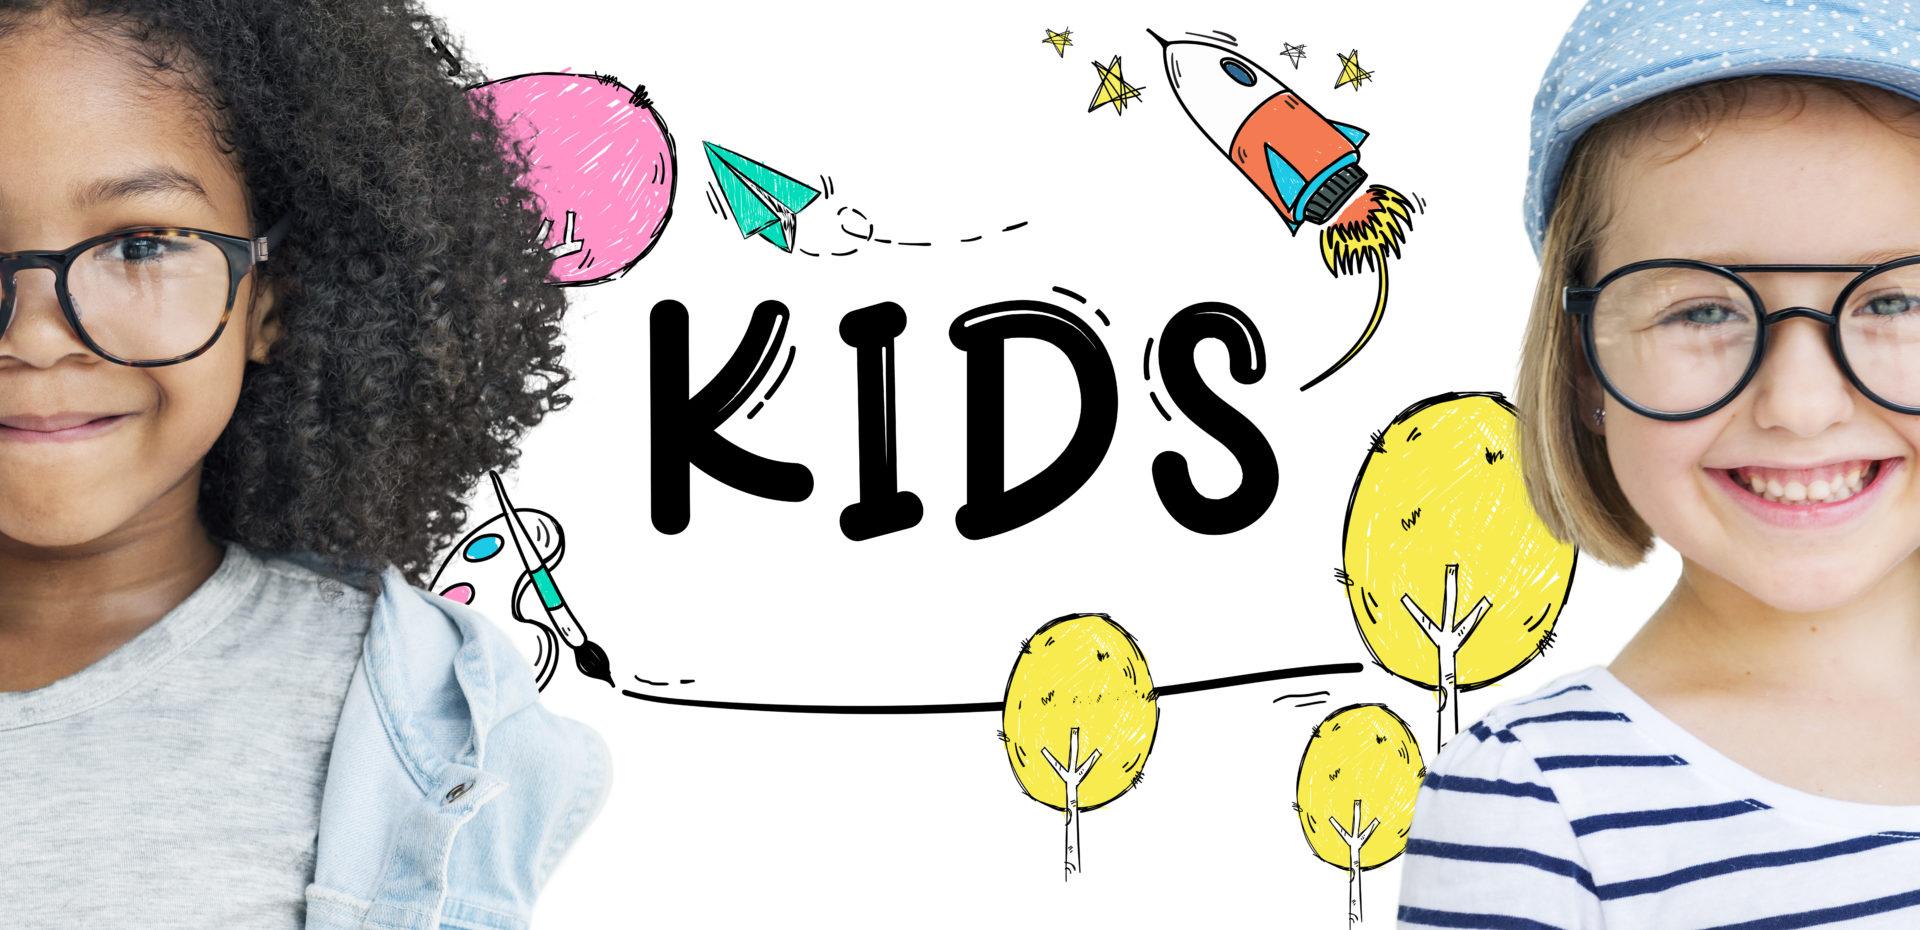 Idée Cadeau Pour Enfant (Fille) De 6 Ans À 12 Ans - Jeux Et destiné Jeux Pour Garçon De 8 Ans Gratuit